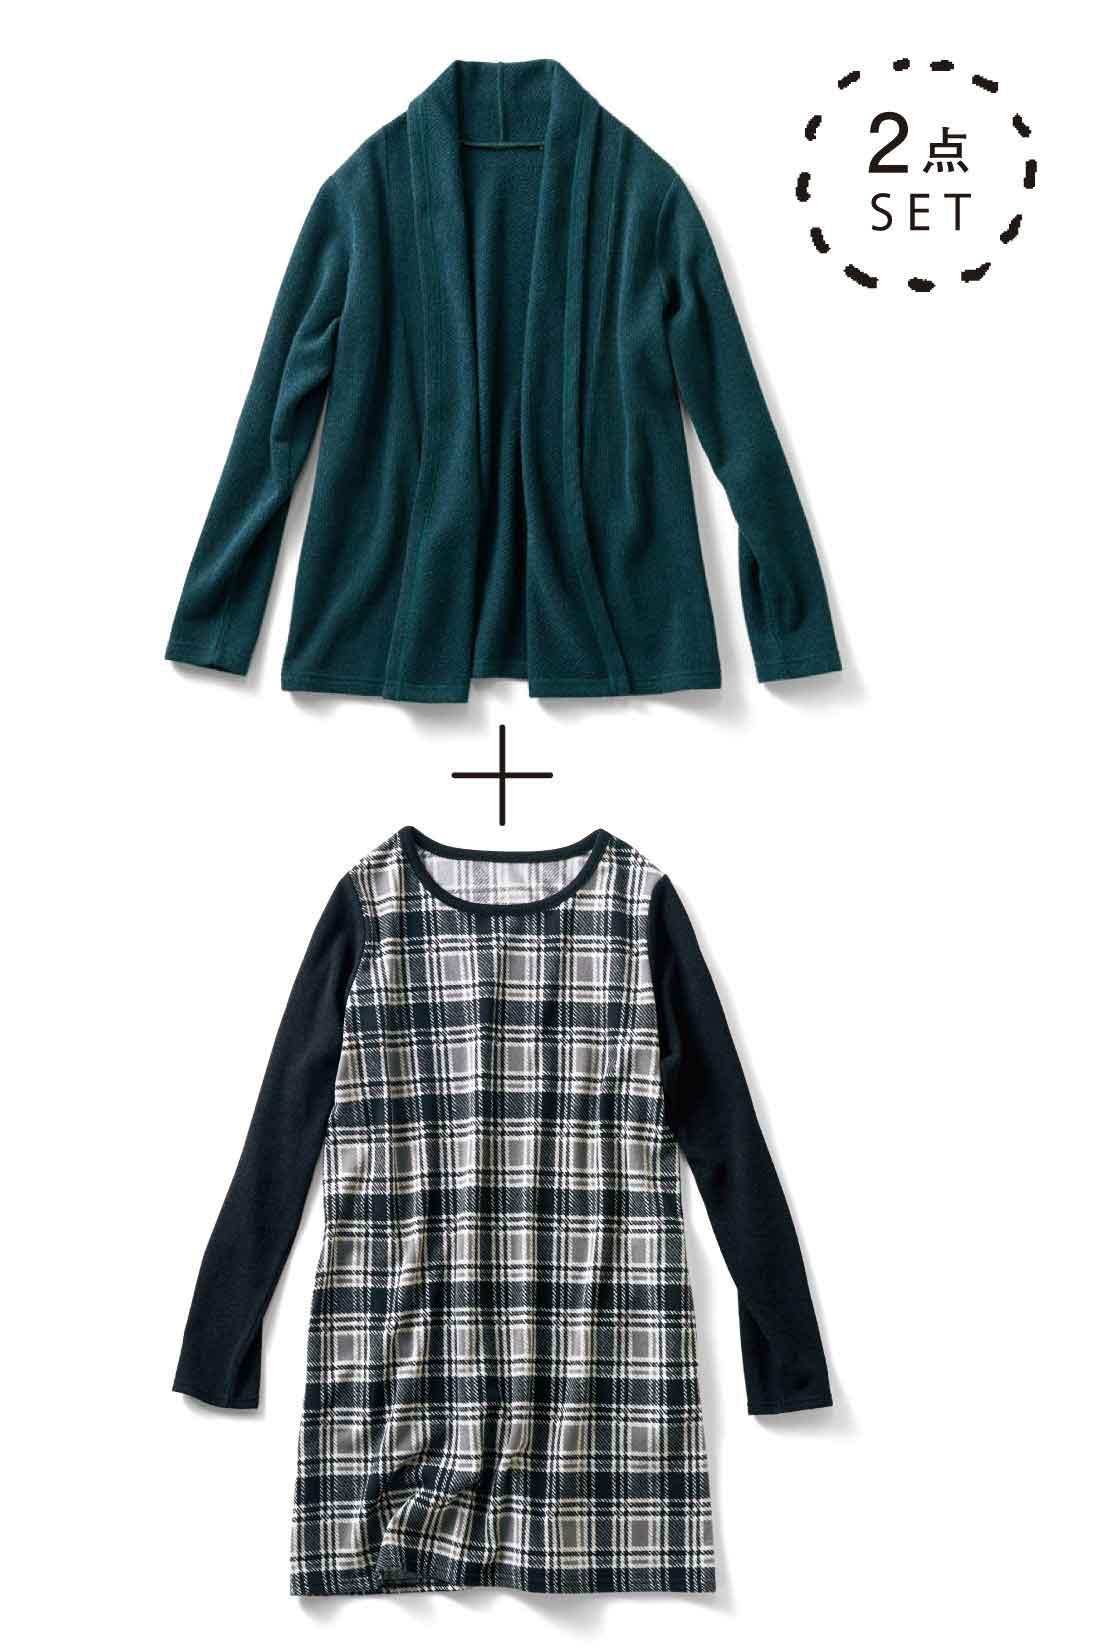 衿もとから前立てにかけて出るドレープのボリュームで、すっきりIライン。 衿ぐりと袖は濃色の切り替えでスタイルアップ。 ※お届けするカラーとは異なります。